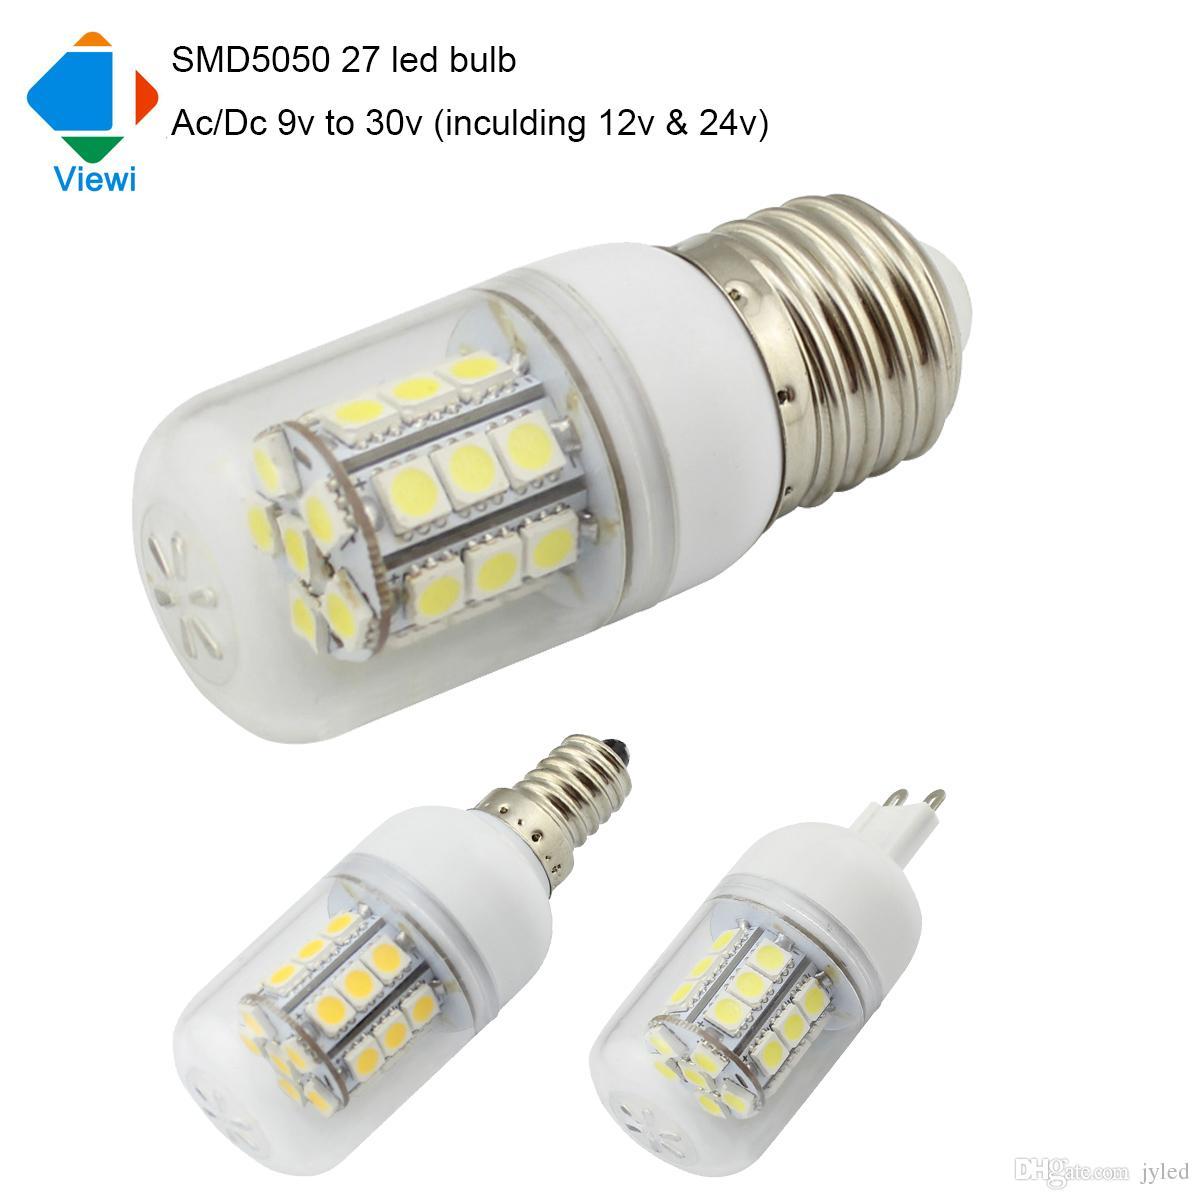 Lamparas Led Bulb Ac/Dc 12v 24v E27 E14 G9 Corn Bulbs 12 To 24 Volt ...